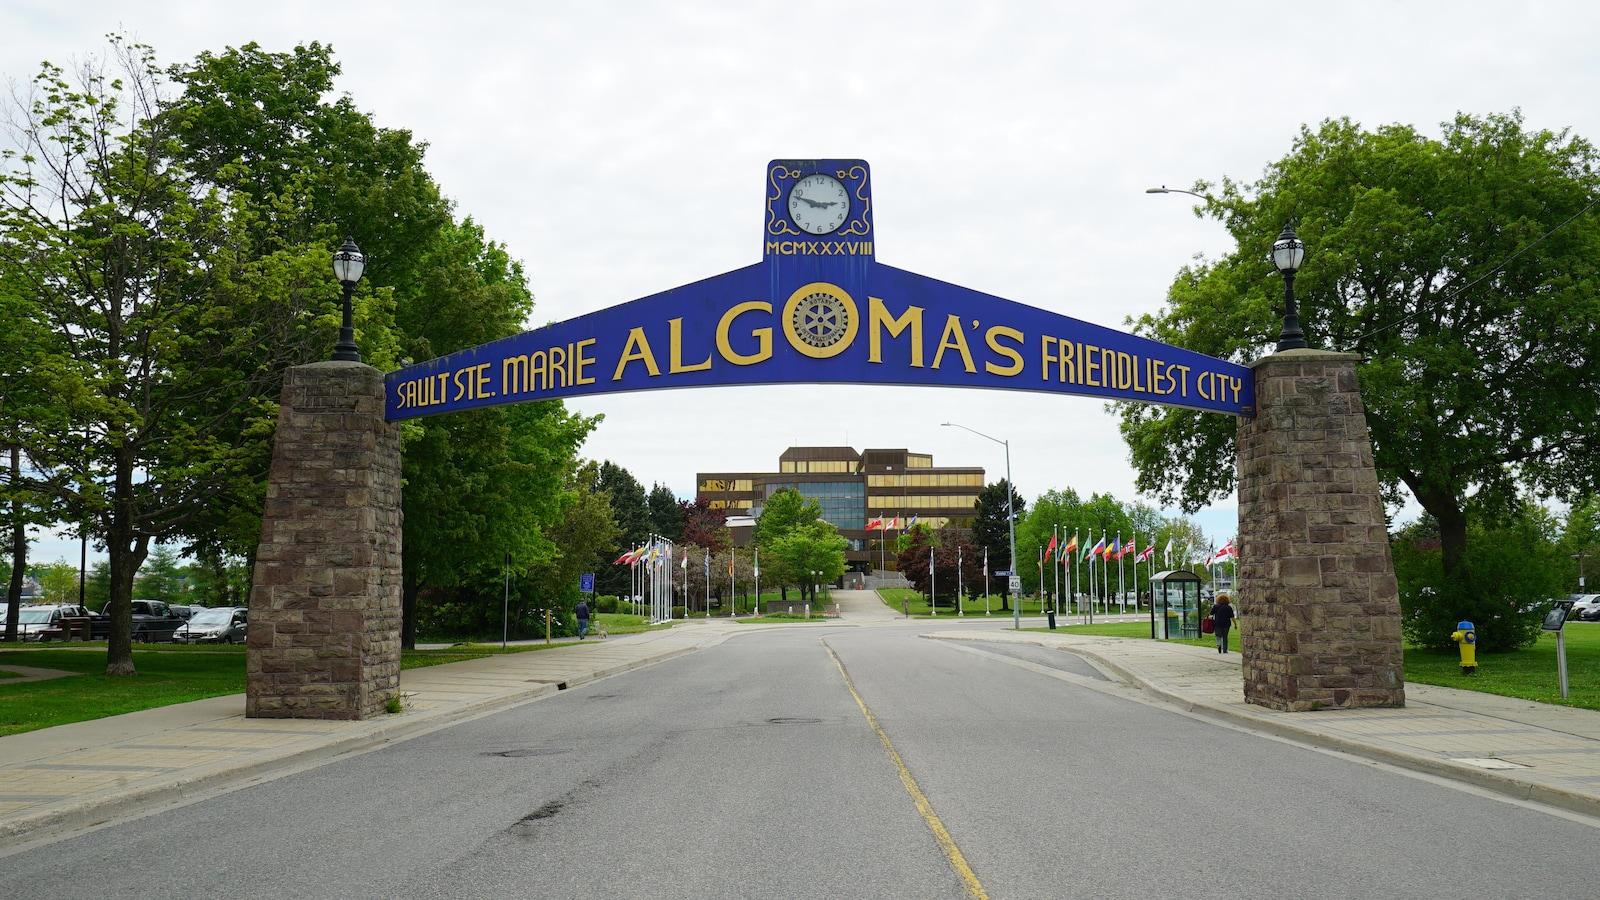 Une arche au-dessus d'une rue avec l'inscription « Sault Ste. Marie Algoma's Friendliest City. »